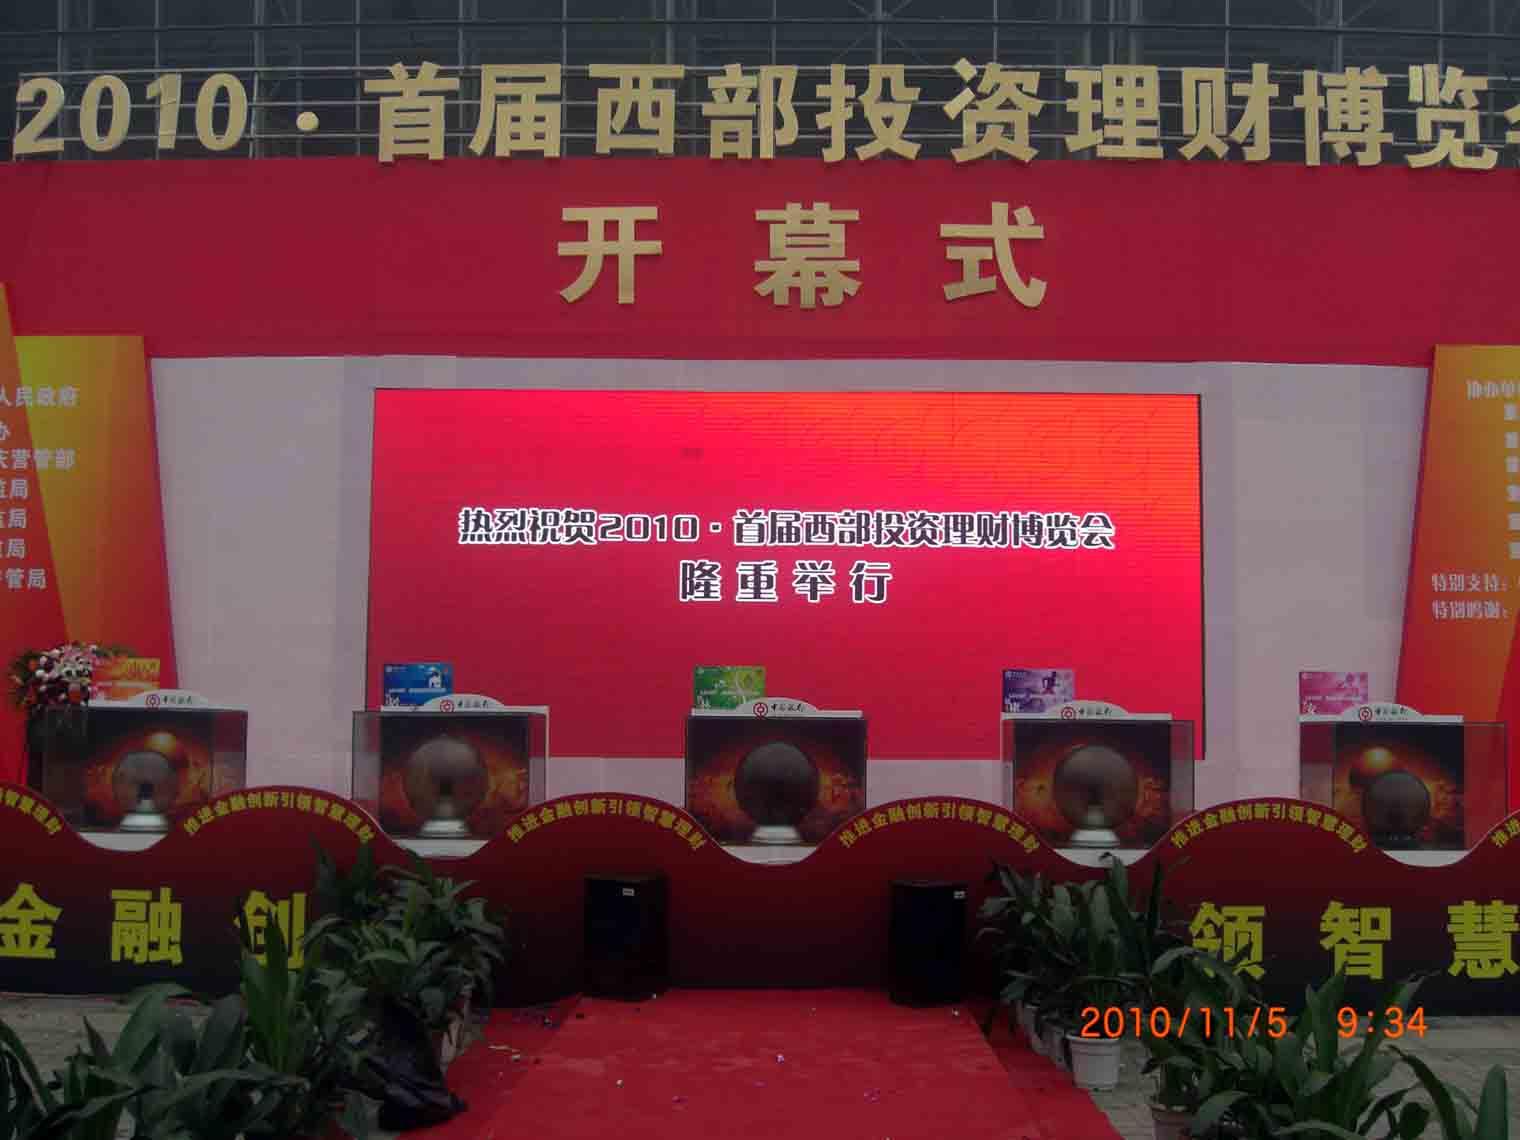 首届西部投资理财博览会开幕式